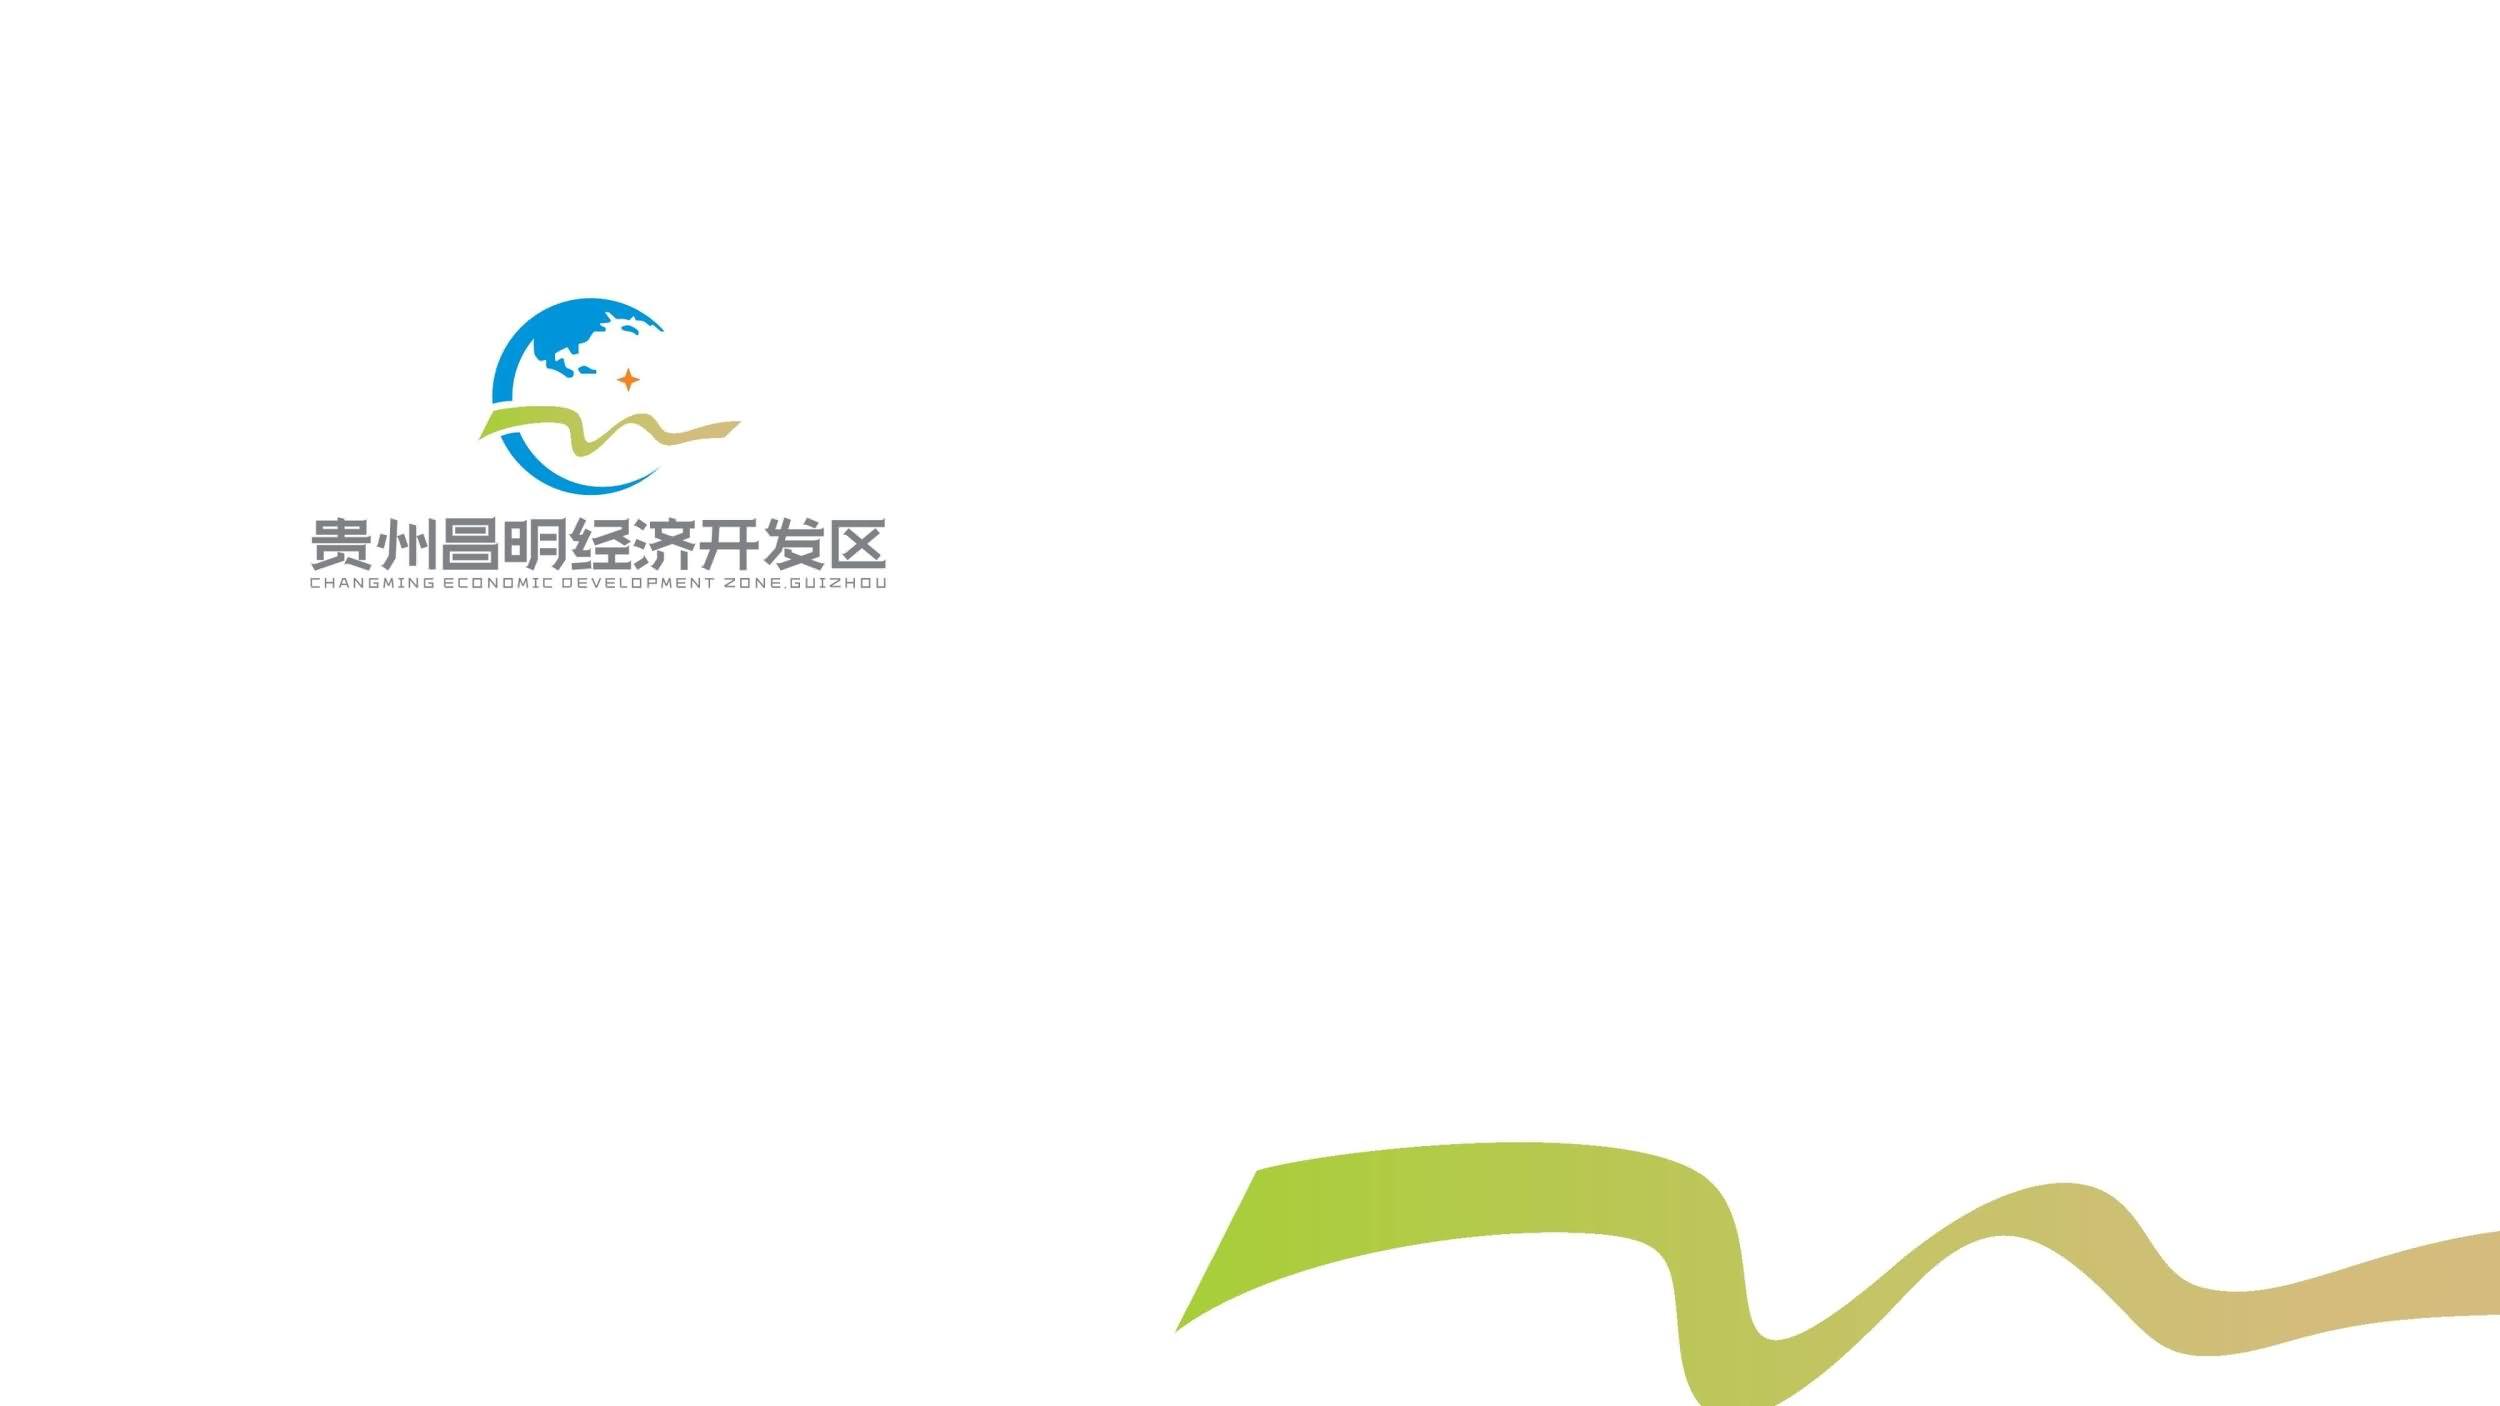 貴州昌明經濟開發區3